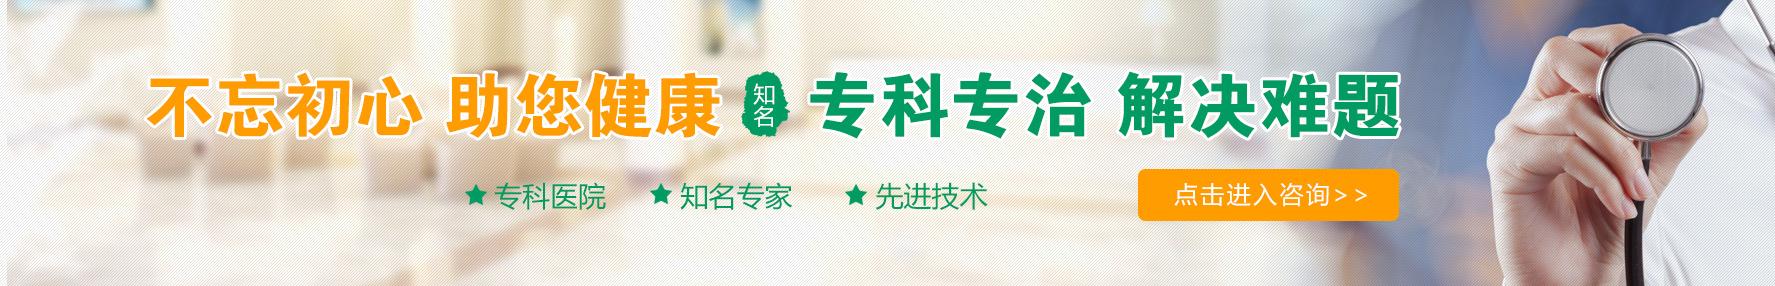 陇南男科医院